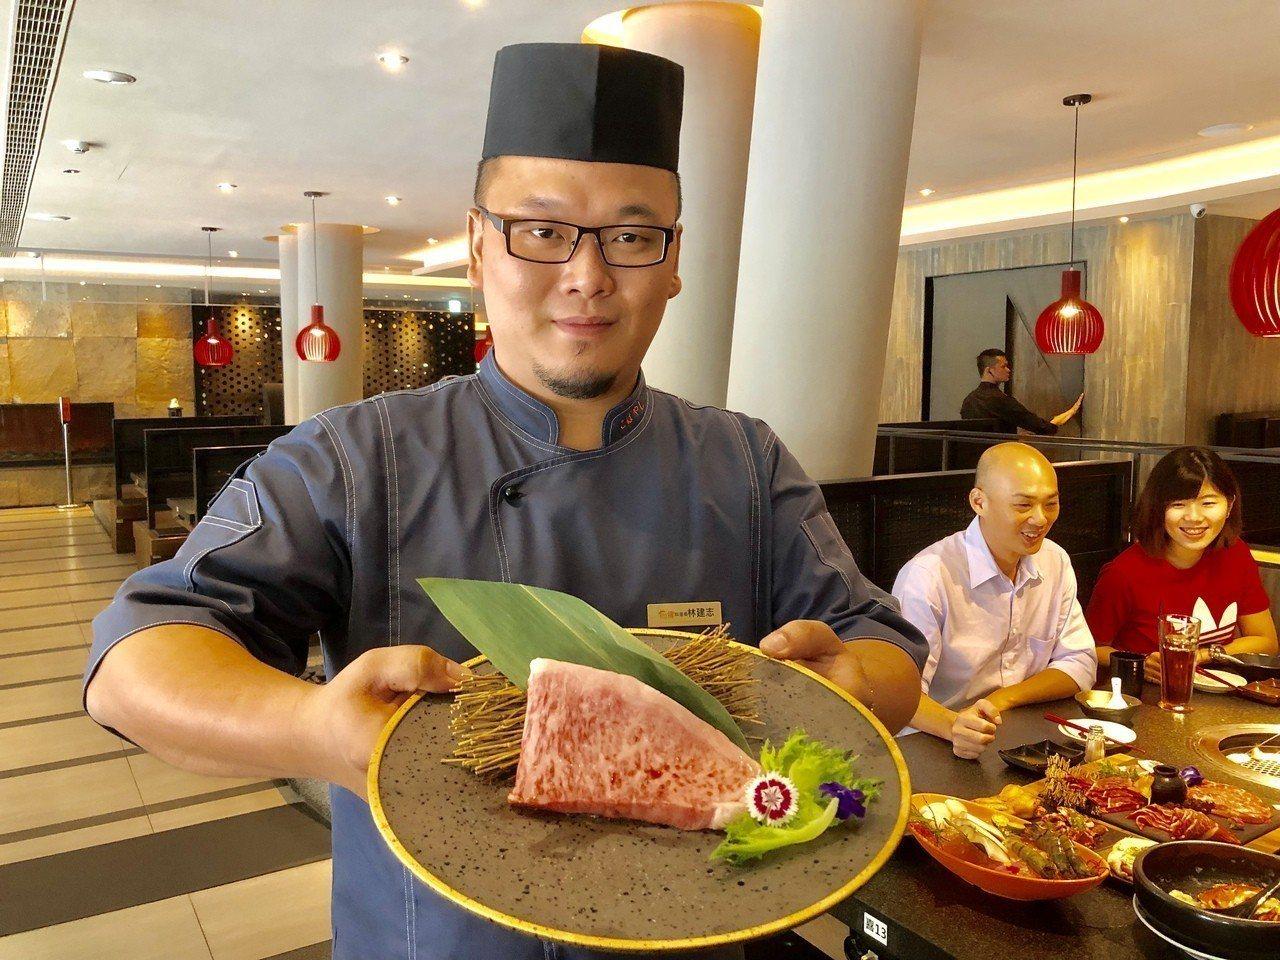 這塊肉是來自盛產和牛的日本名縣宮崎,品質是最高等級A5,炙烤後的口感如雪綿般入口...